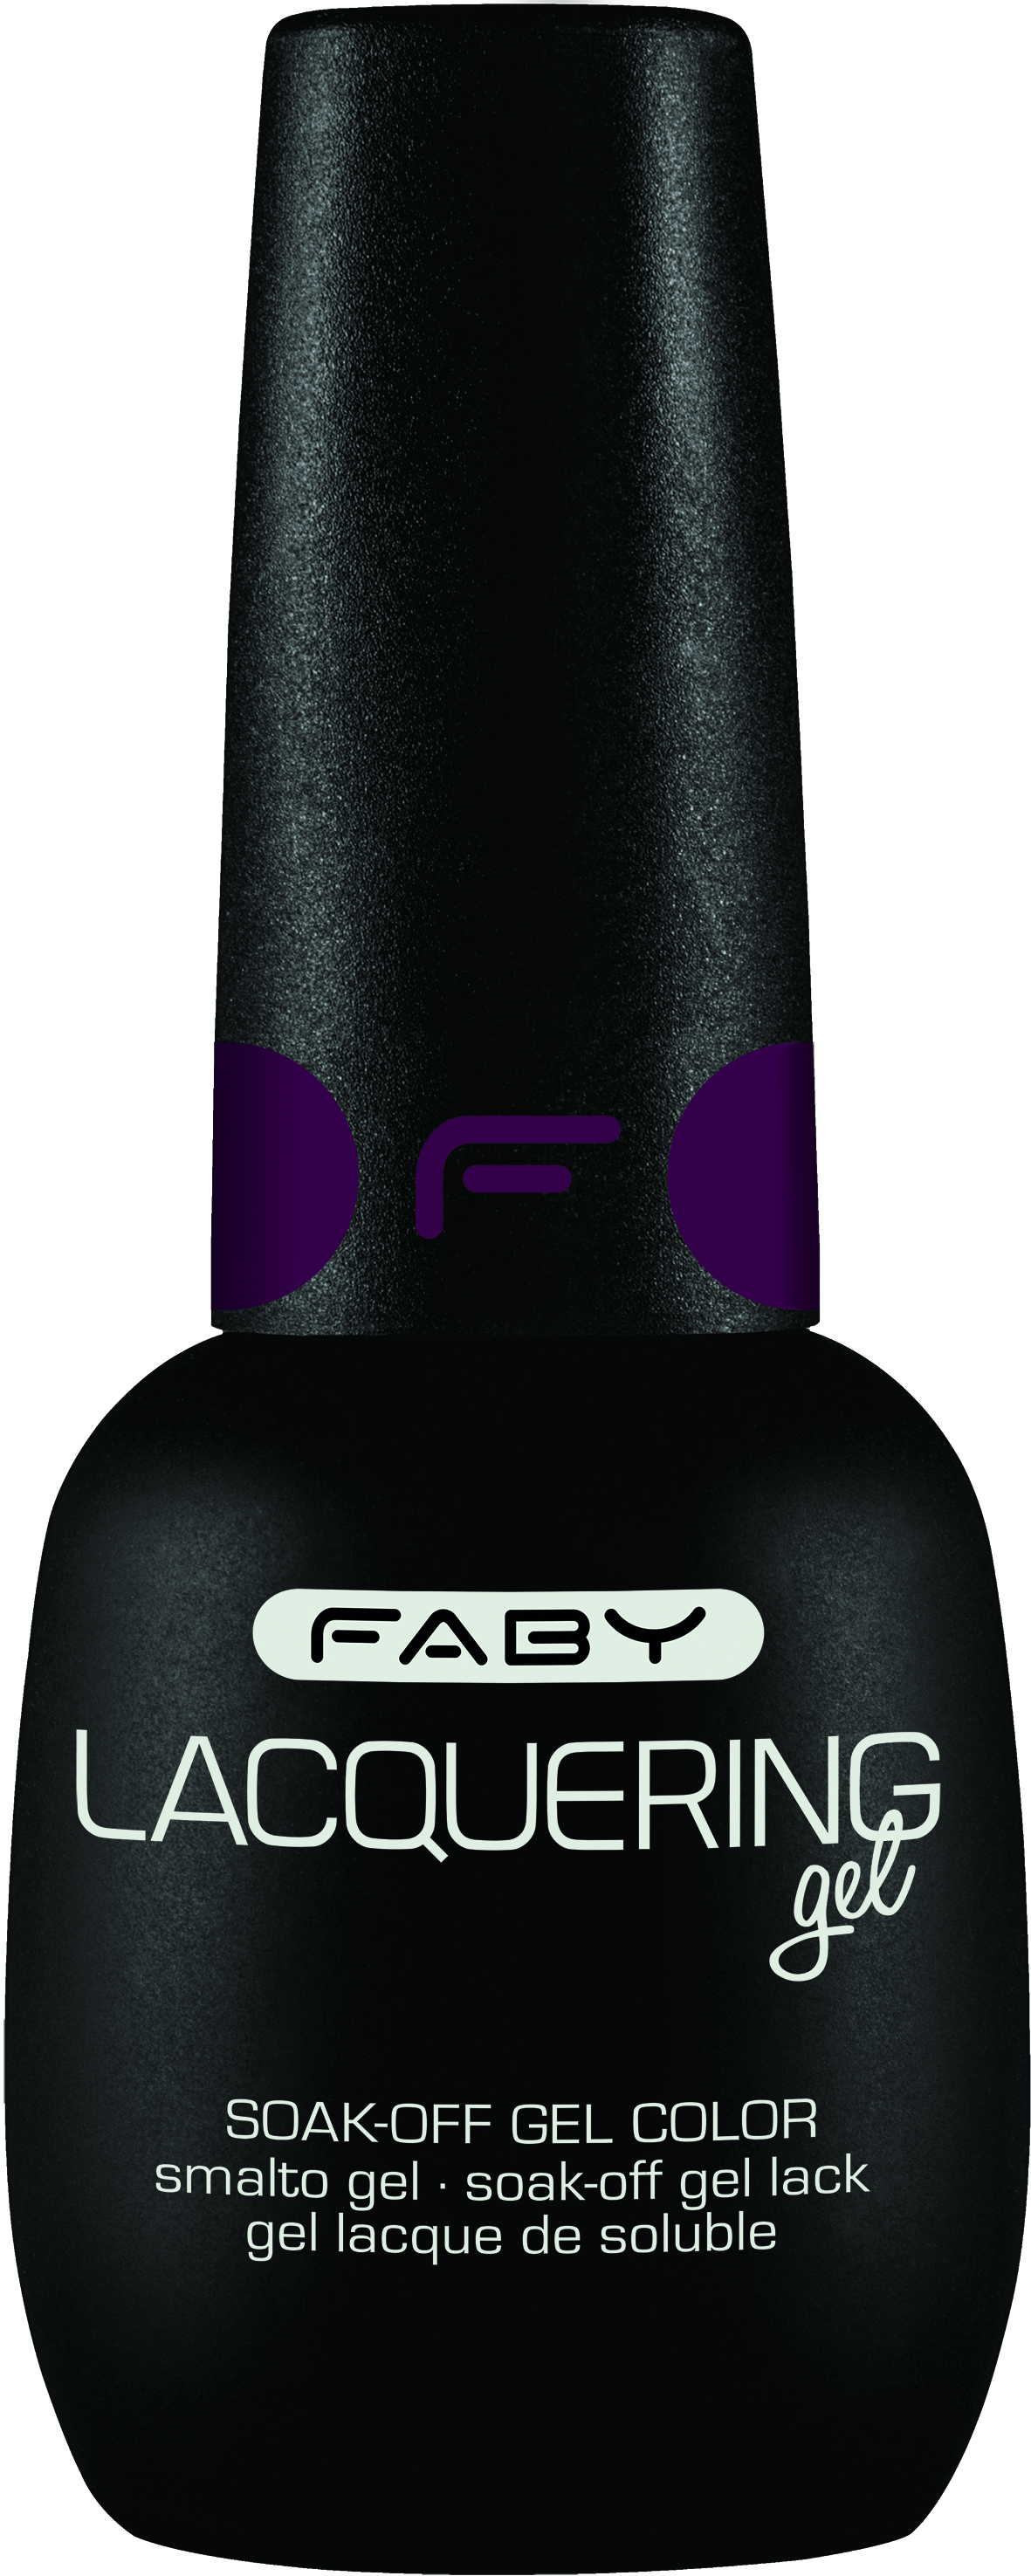 faby-lacquering-gel-gcc003-impavida-esmalte-semipermanente-morado